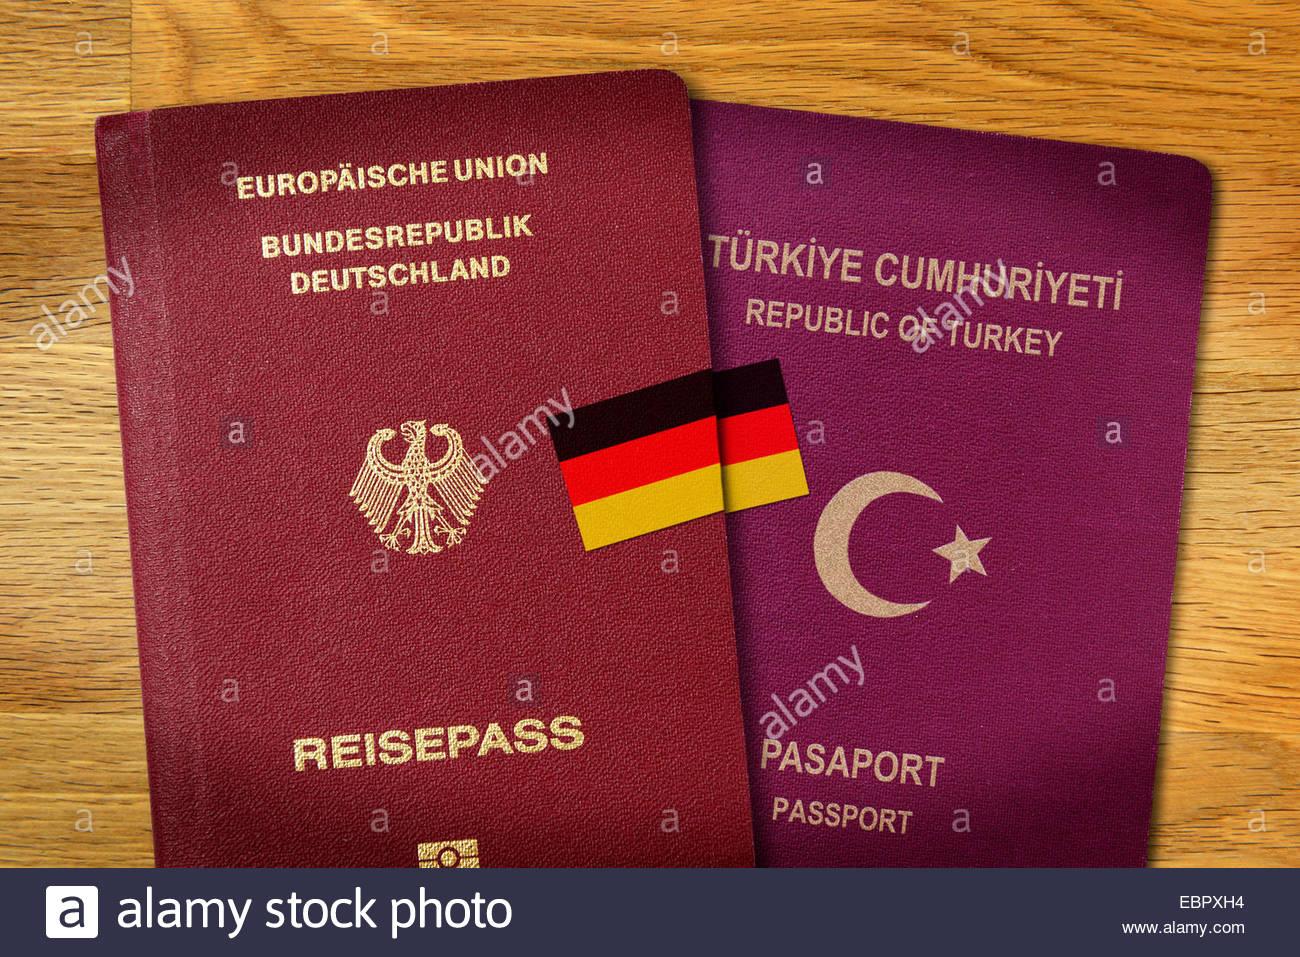 German passport an Turkish passport, dual citizenship